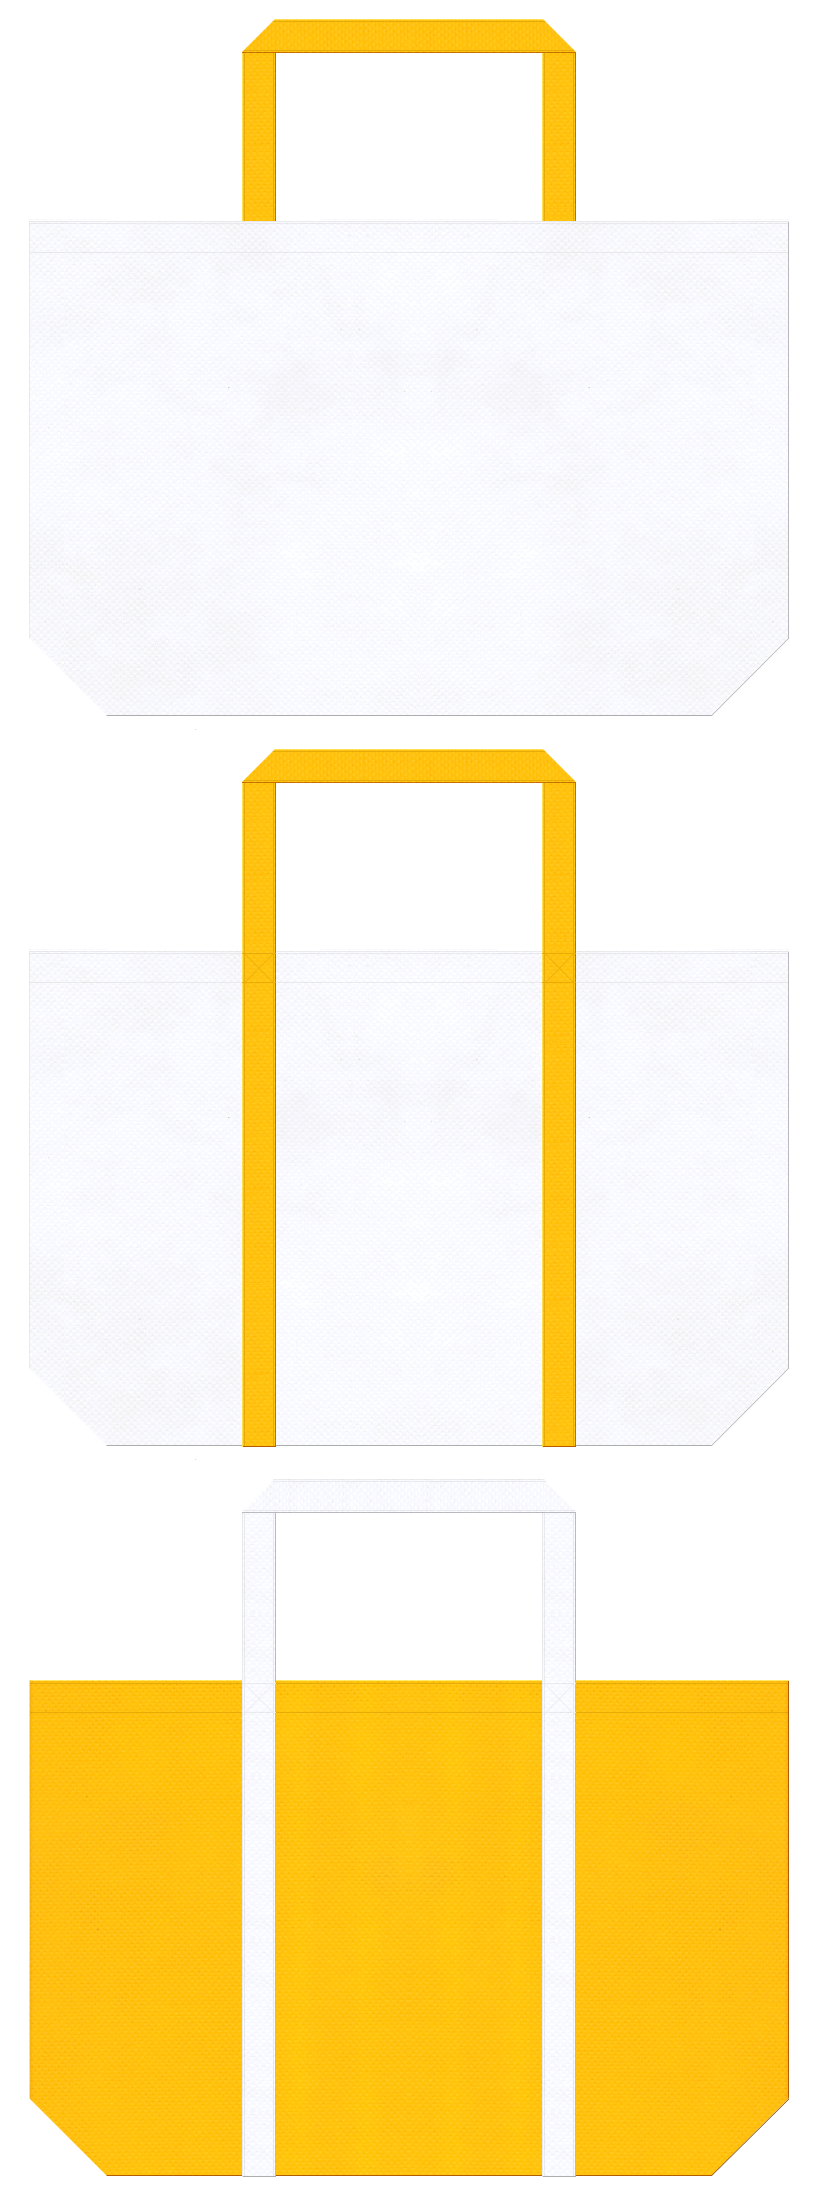 白色と黄色の不織布ショッピングバッグデザイン